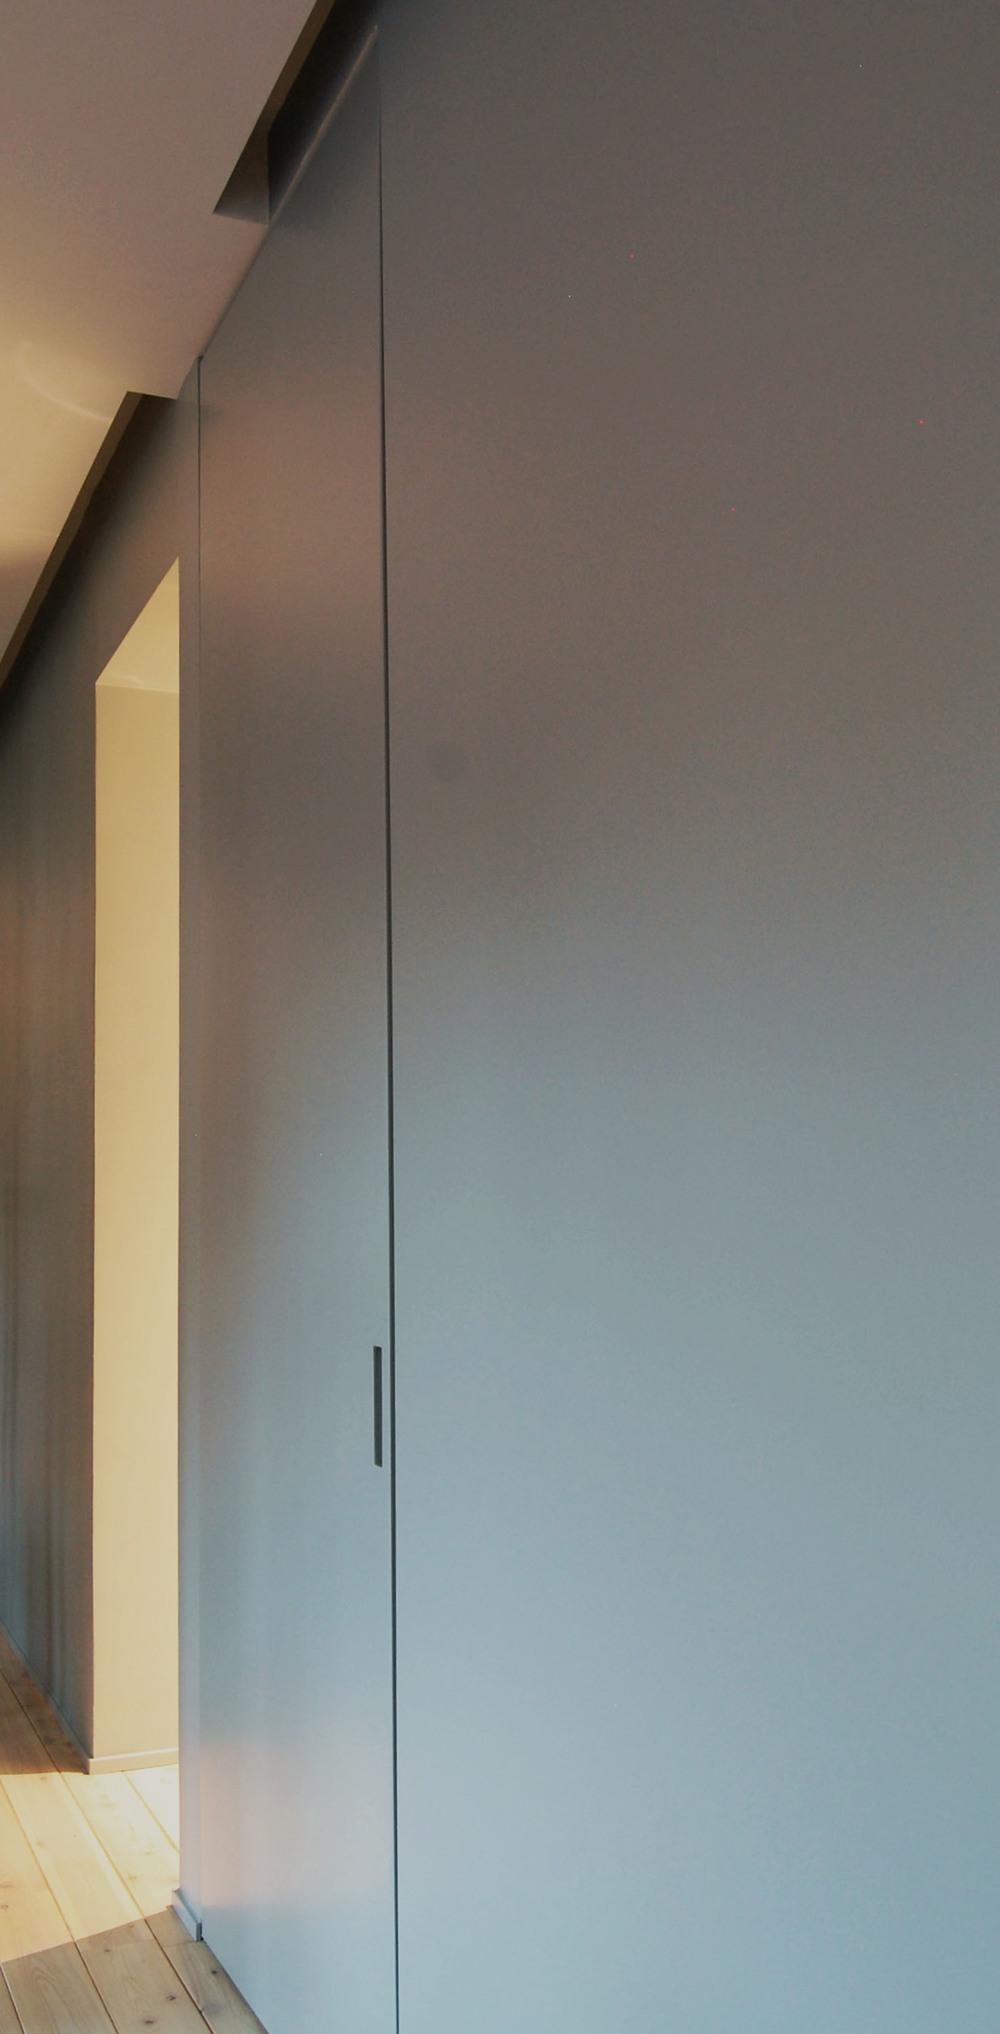 Il muro attrezzato in un'immagine di scorcio: si nota la porta a scomparsa che chiude il passaggio versa la zona notte e il varco che porta alla cabina armadio.